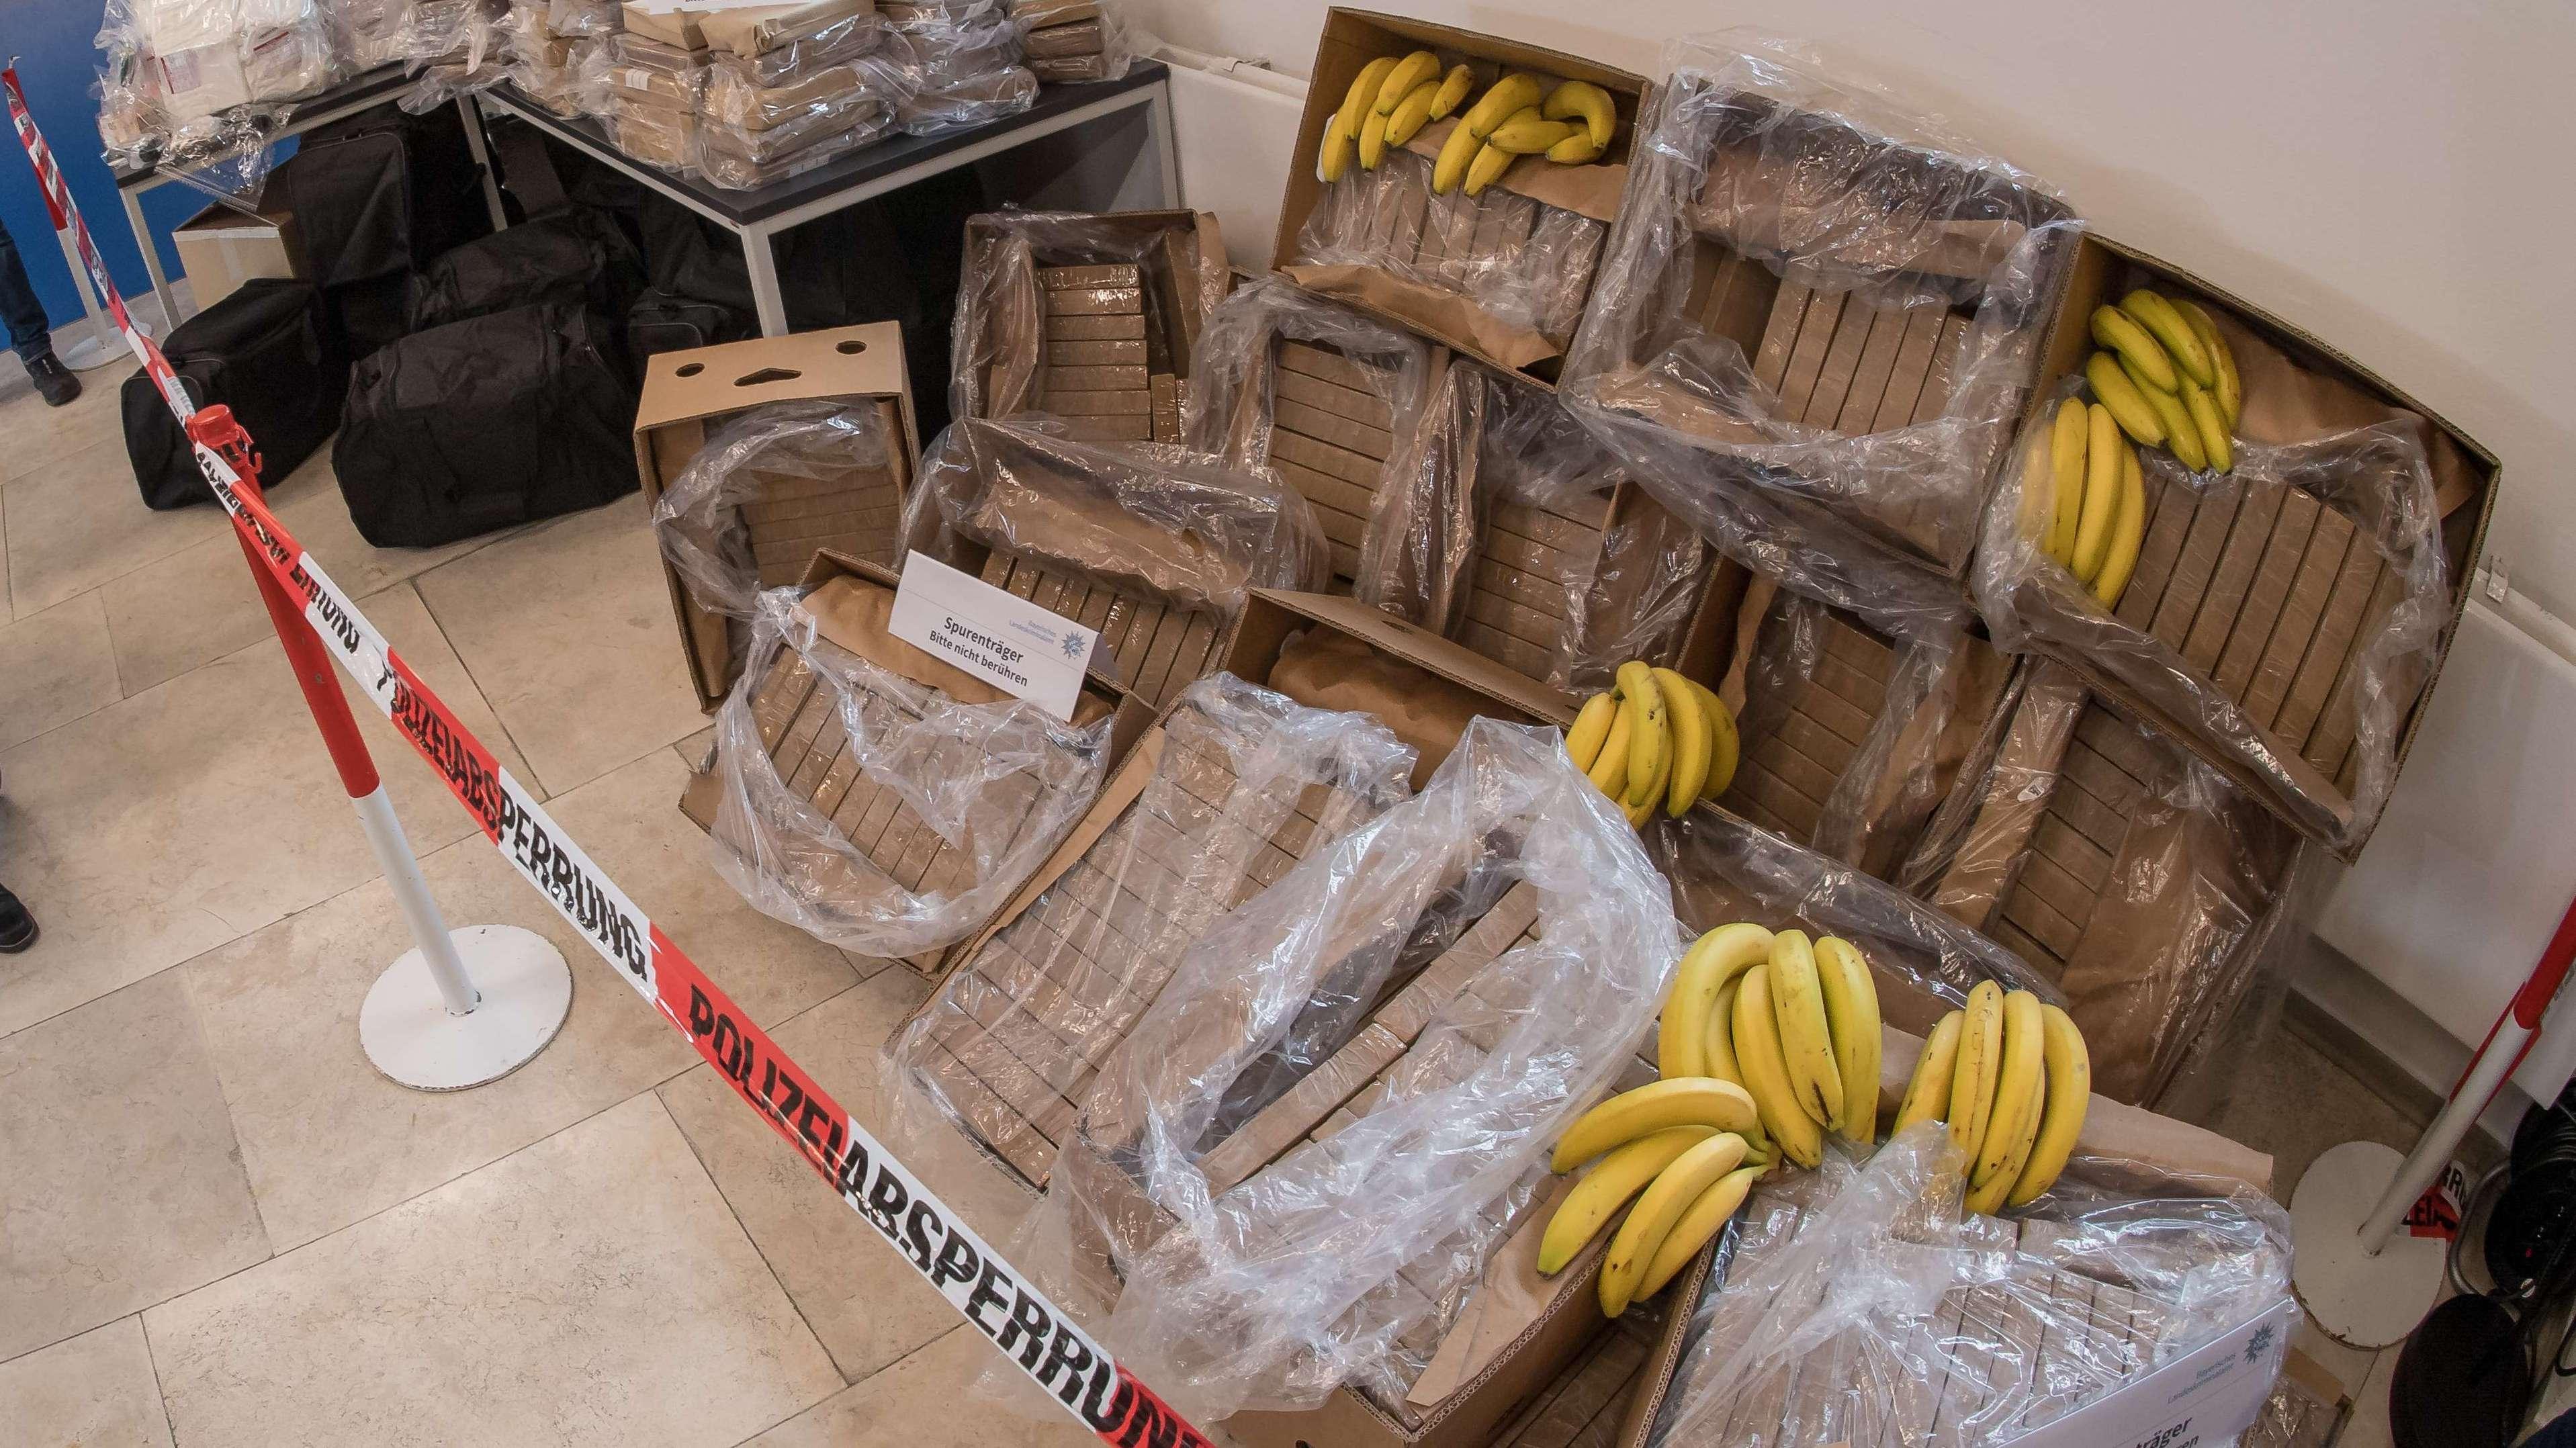 Kokain in Bananenkisten versteckt